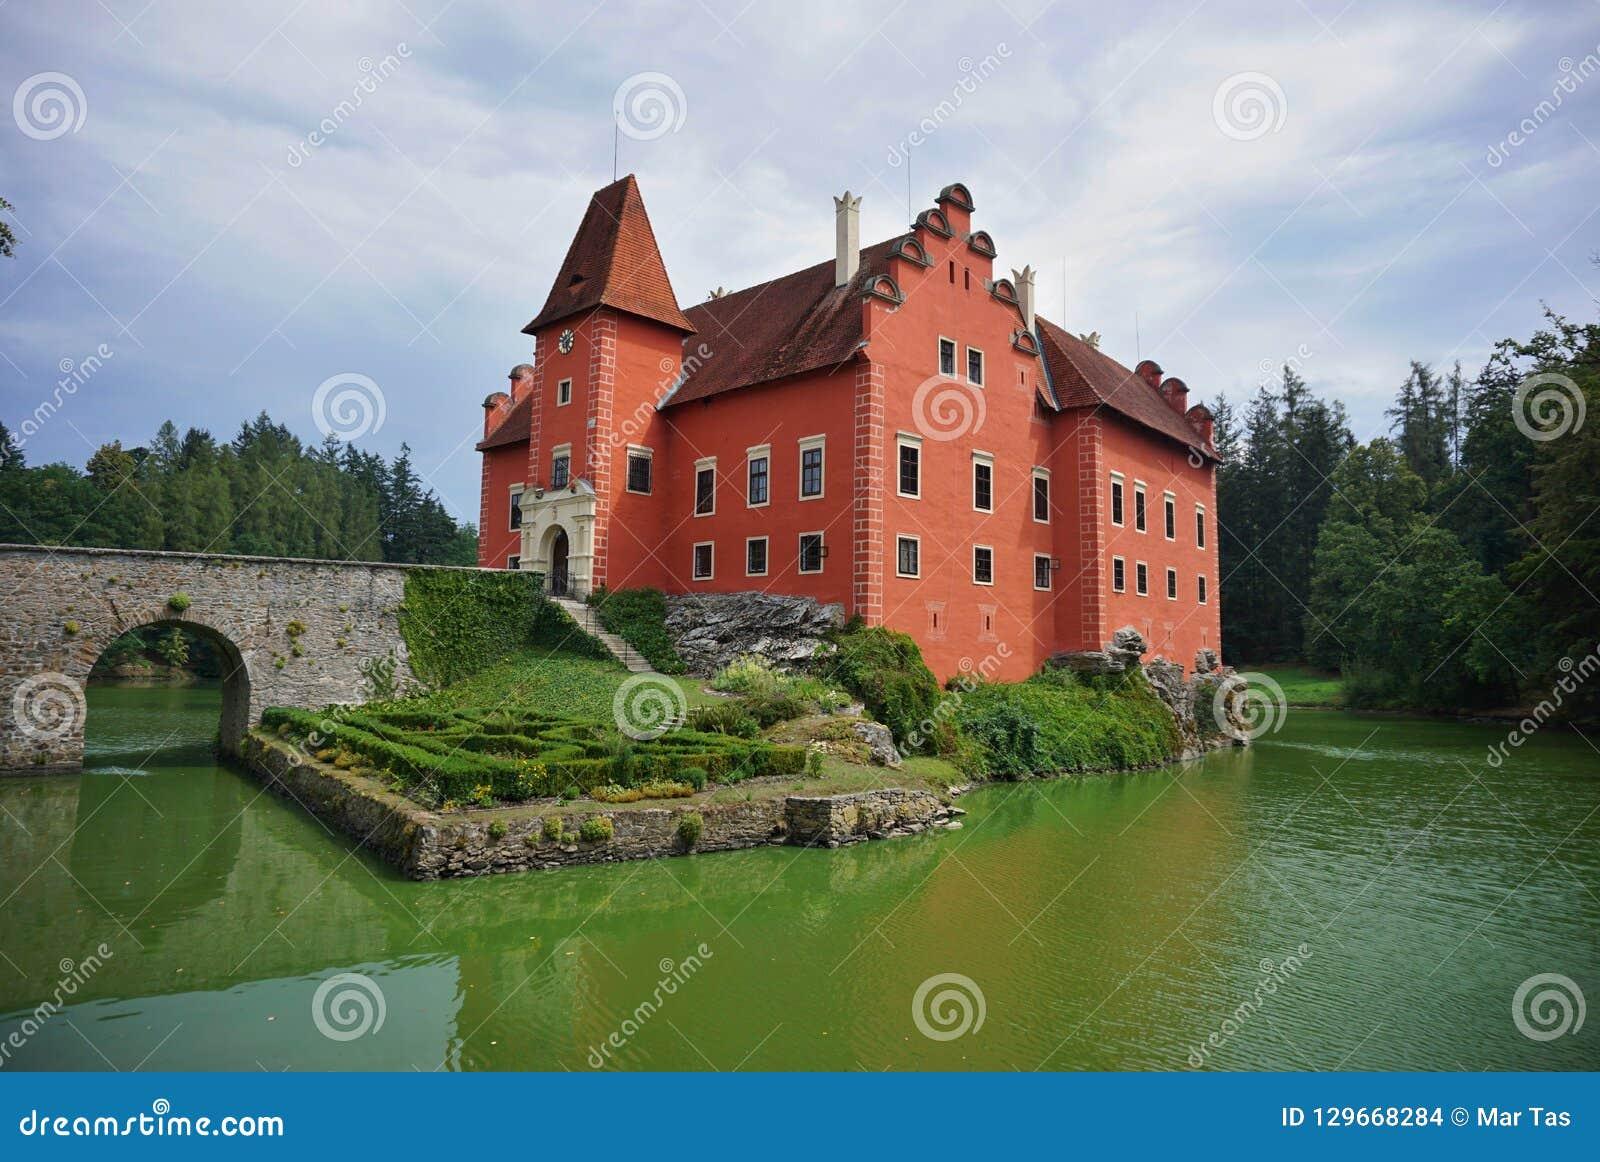 Красивый красный замок Cervena Lhota в чехии выглядя как от сказки